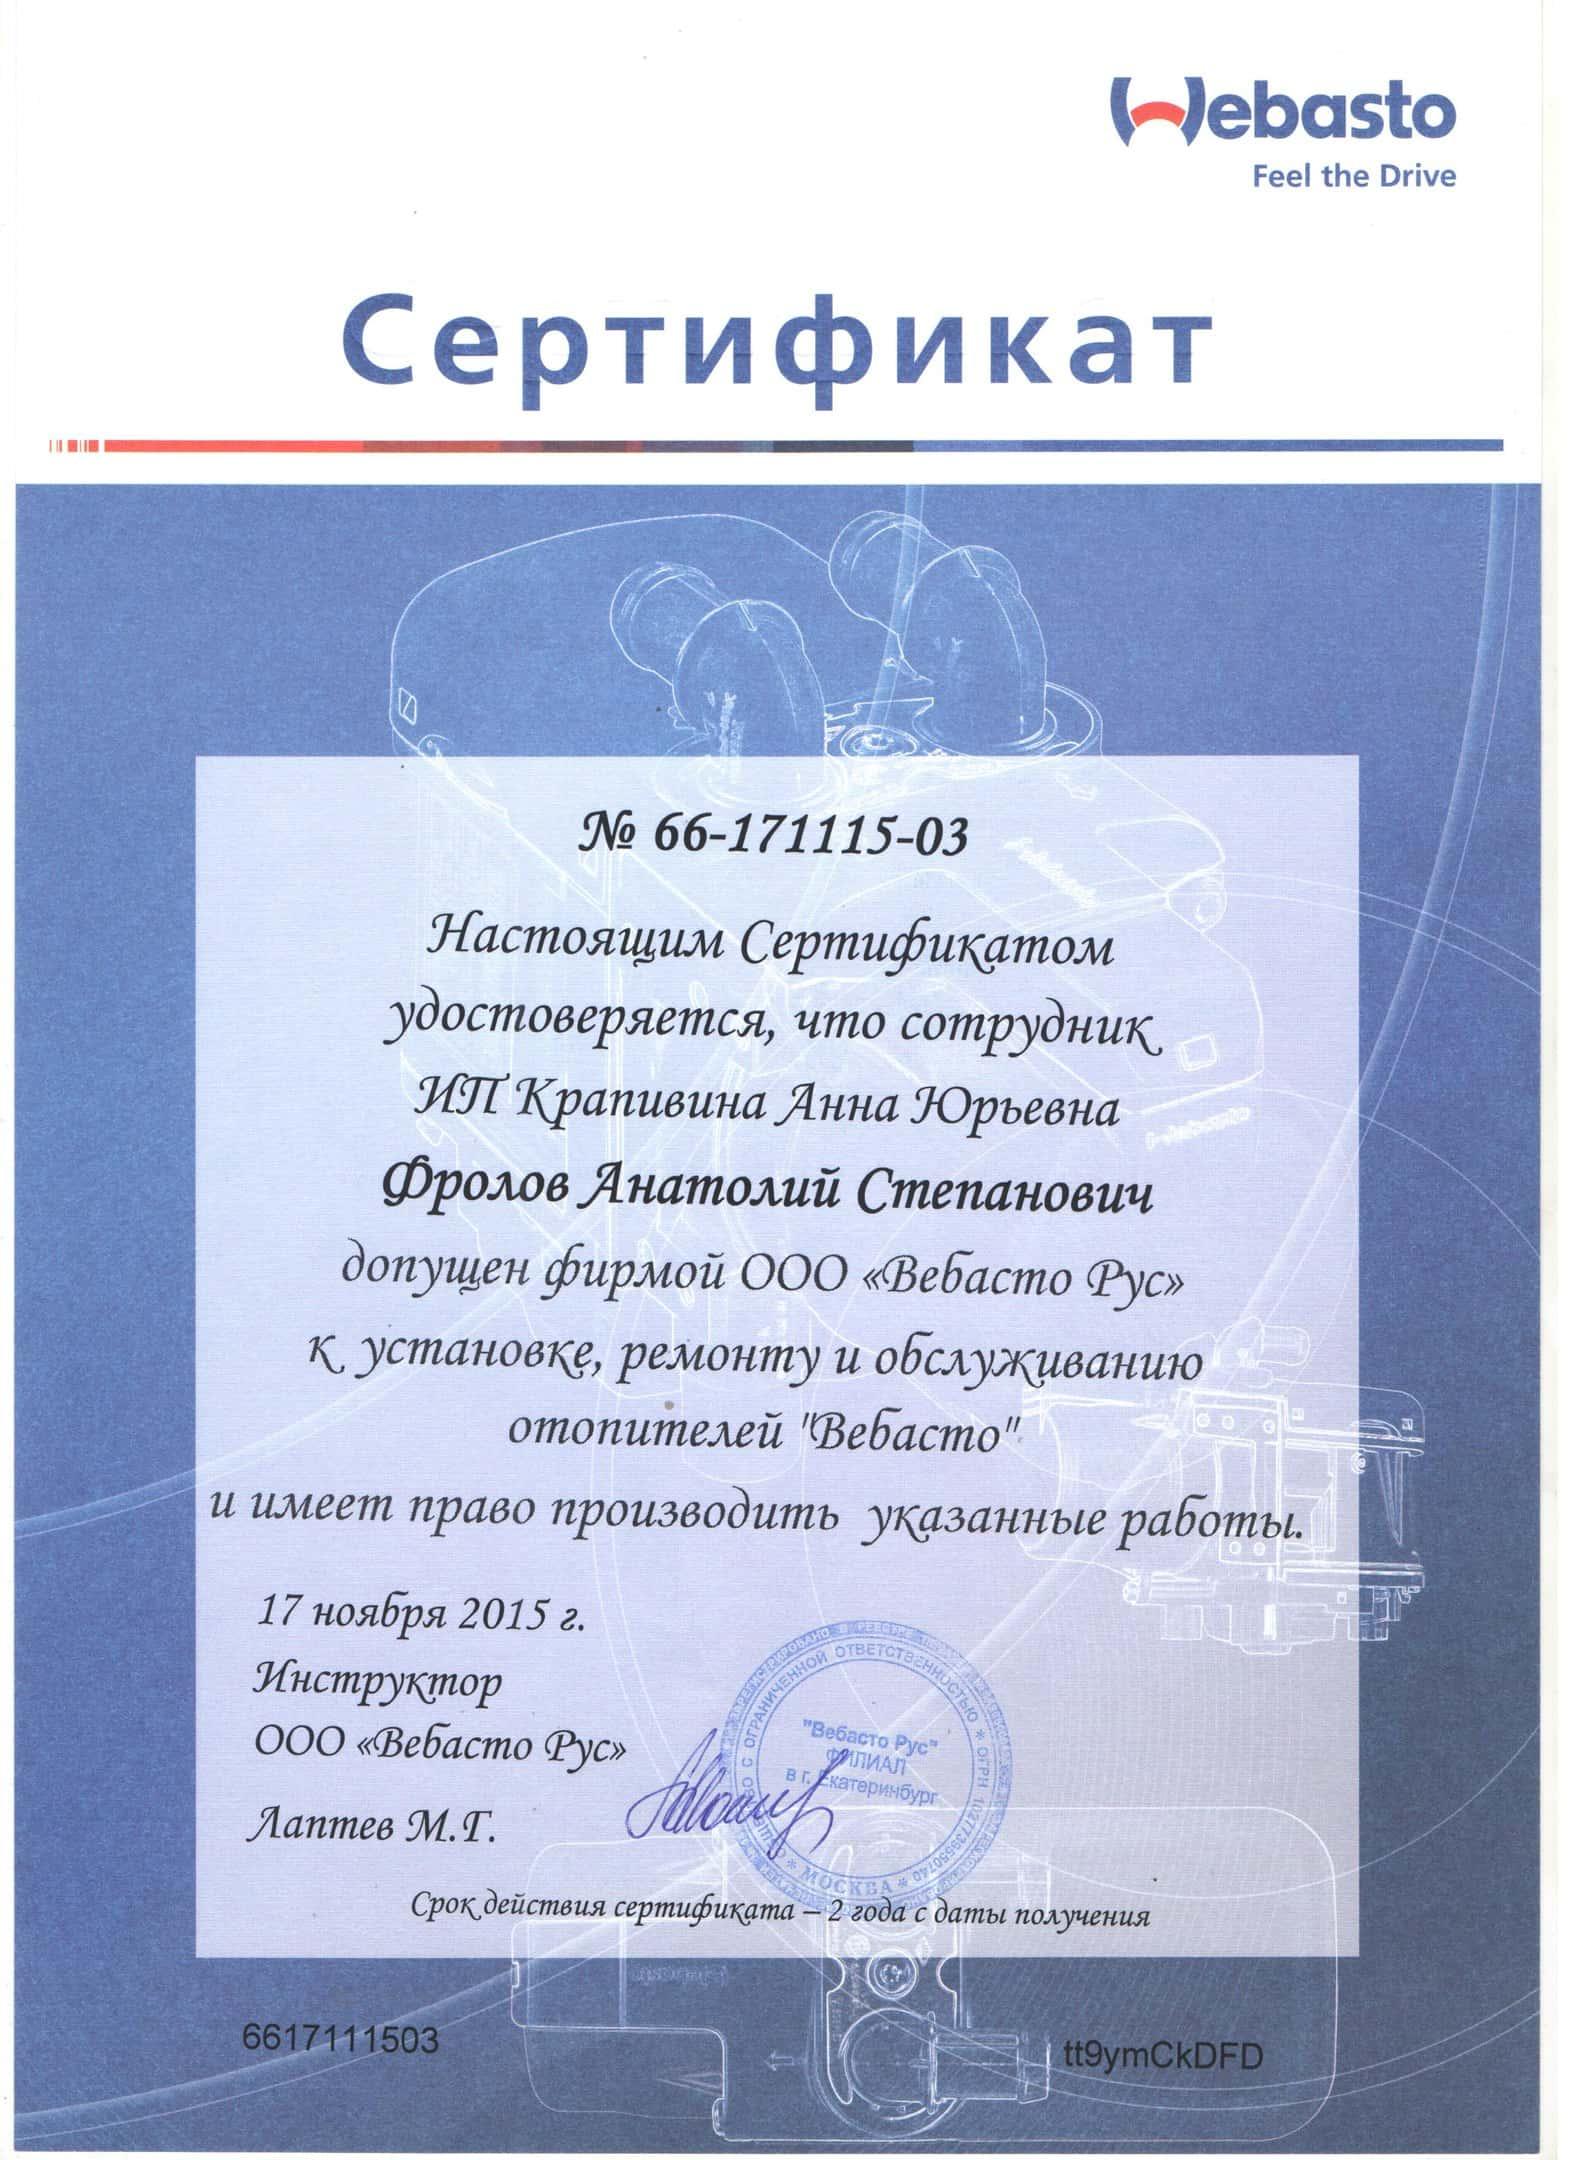 Сертификат на установку webasto